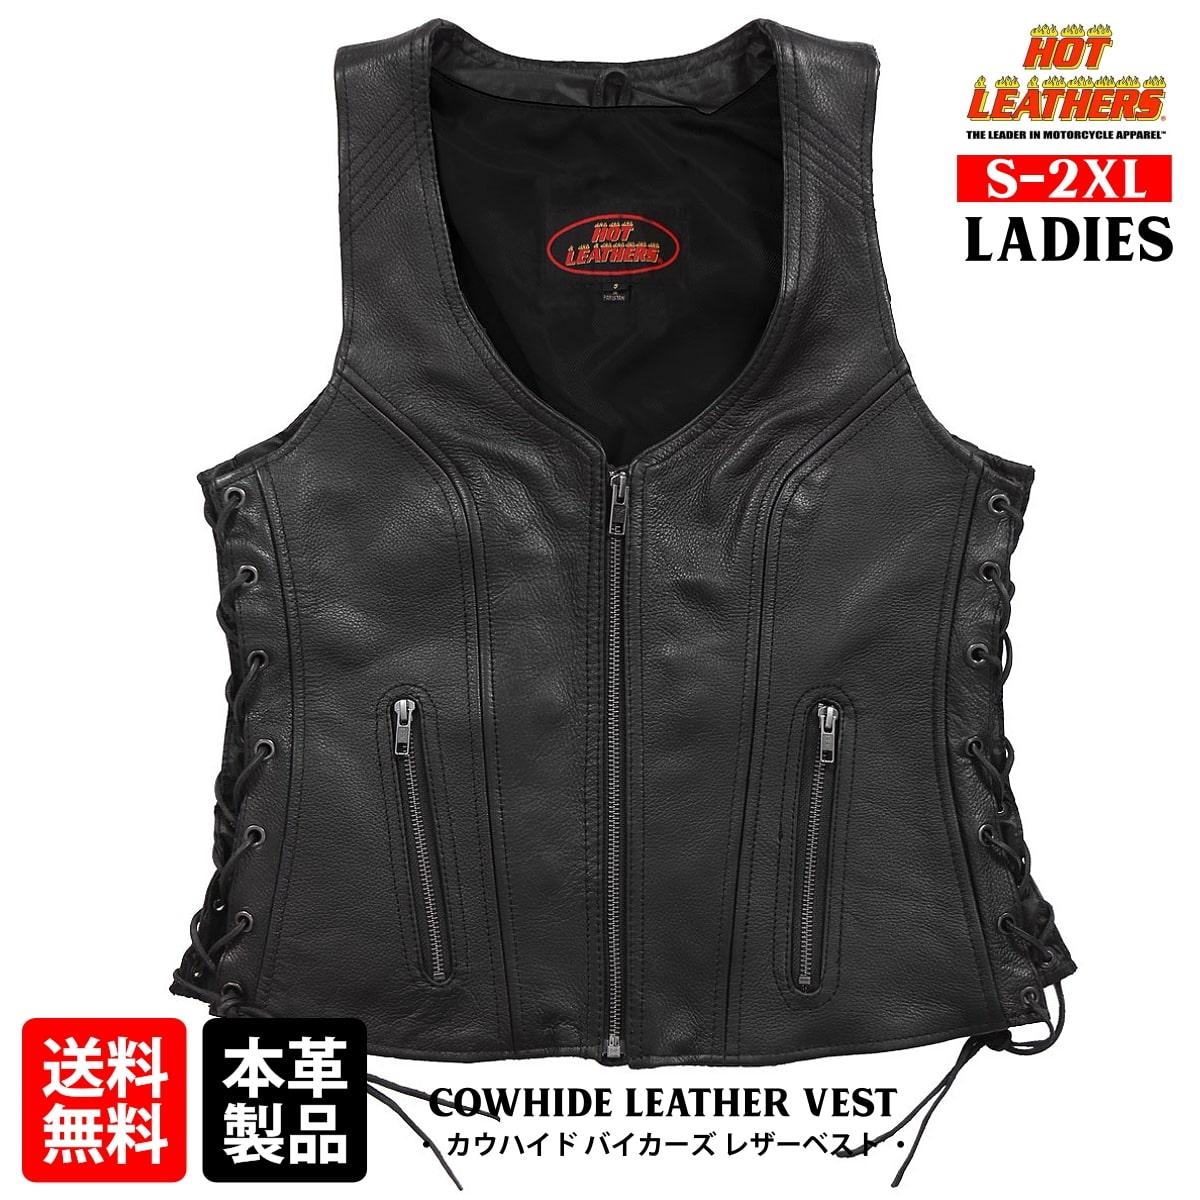 【送料無料!】日本未発売!米国直輸入! Hot Leathers [Ladies Side Lace Zip Up Top Grain Leather Vest] ホットレザー 本革 レディース ウエスト調節可能 両脇編み上げ サイドレース ジップアップ トップグレイン カウハイドレザーベスト! ブラック バイクに! 女性用